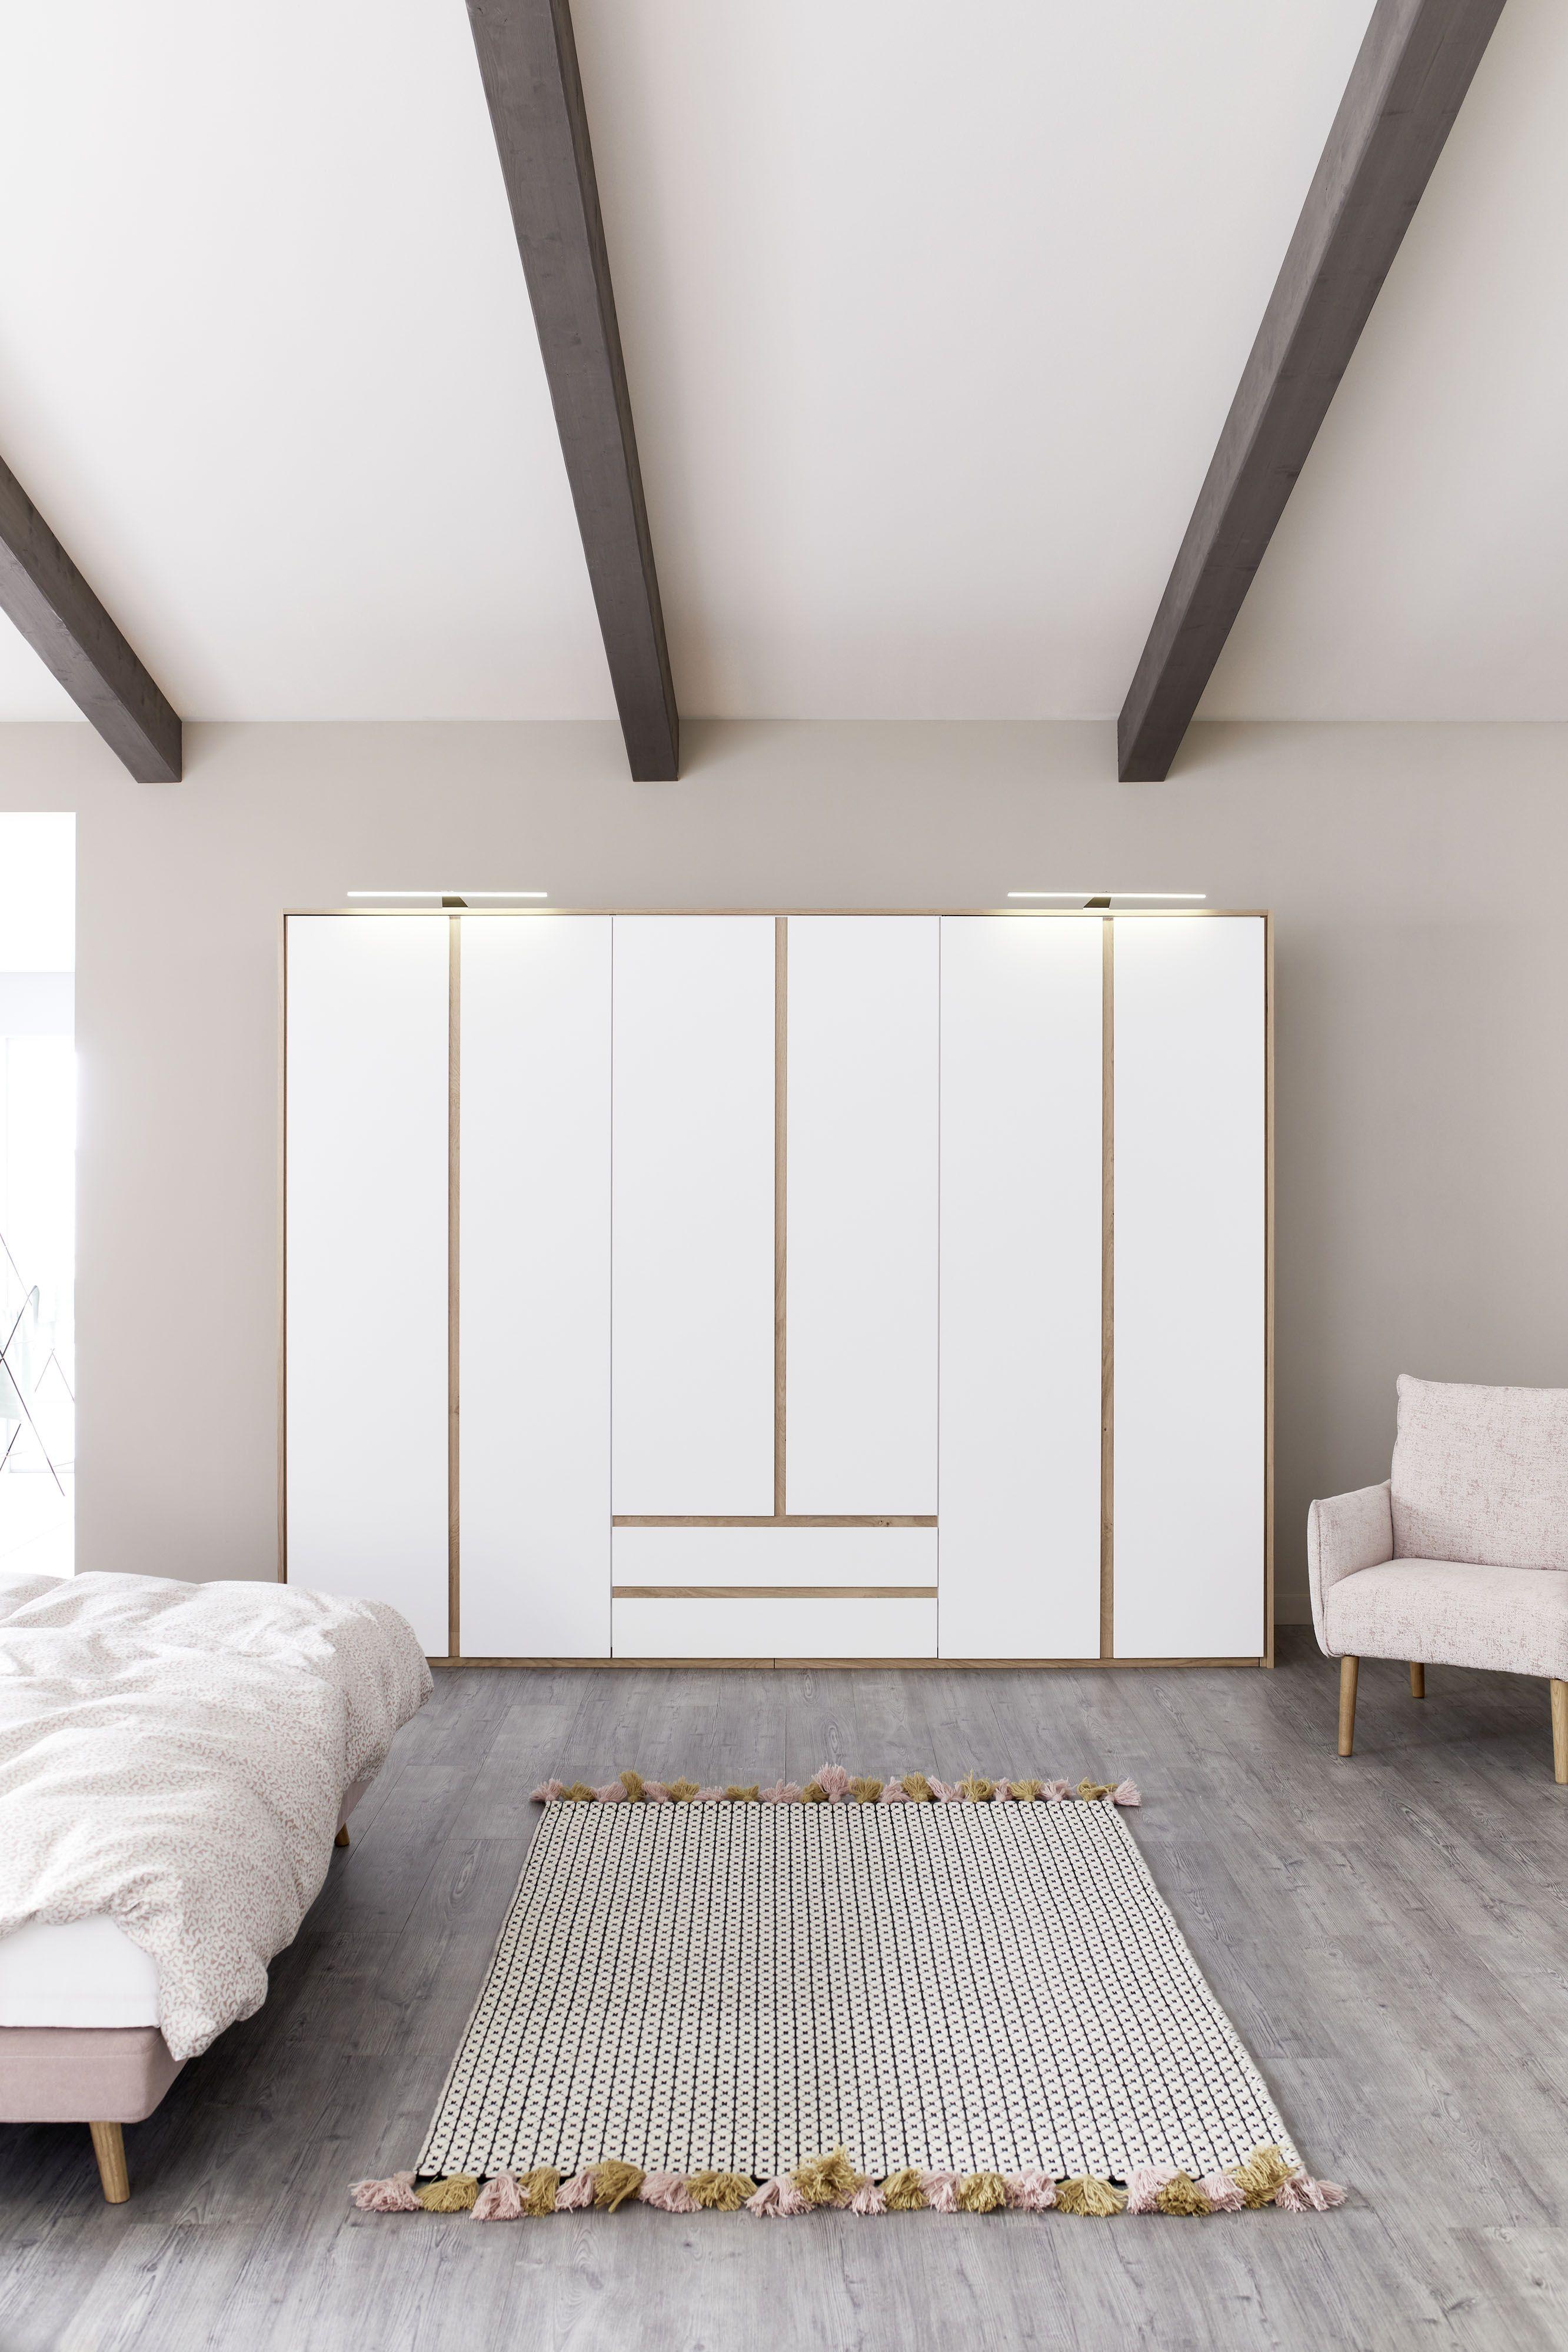 Teppich Insula Wohnen Schoner Wohnen Schlafzimmer Inspirationen